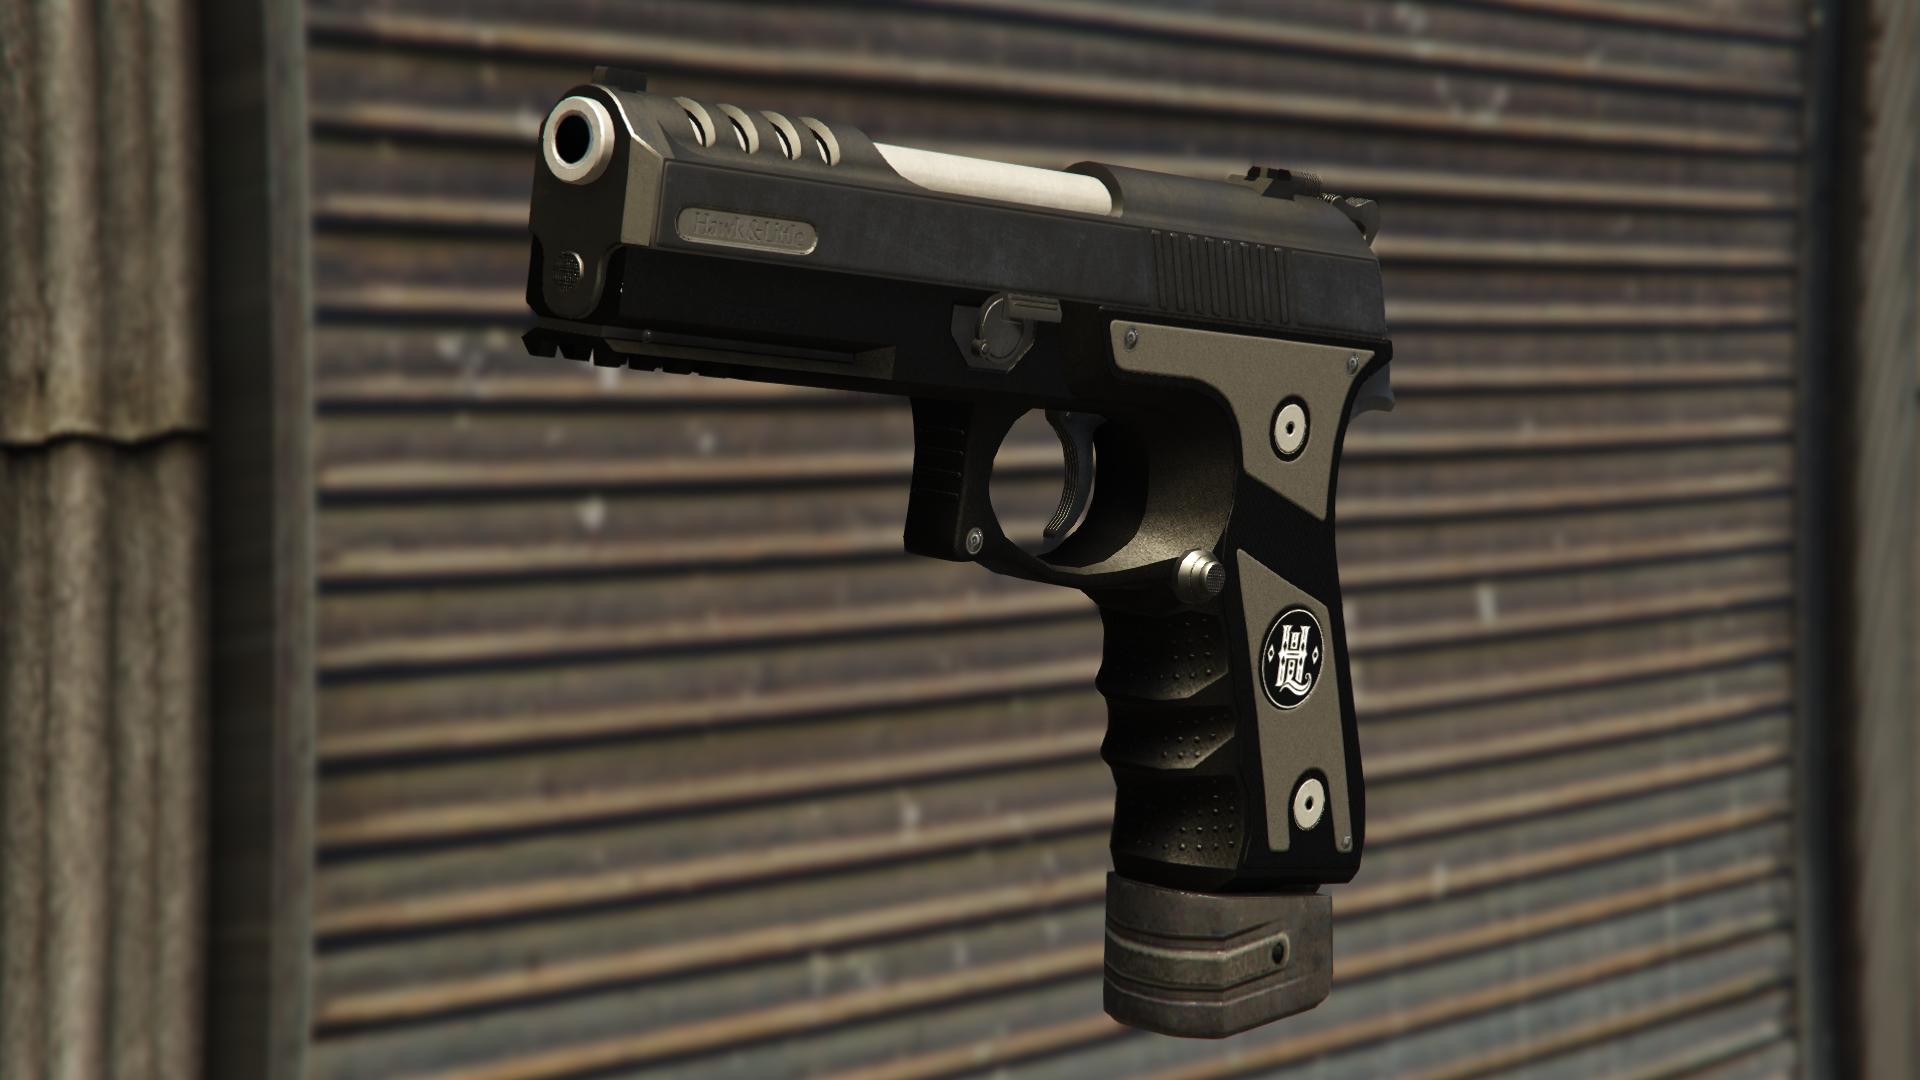 File:PistolMkII-GTAV.png